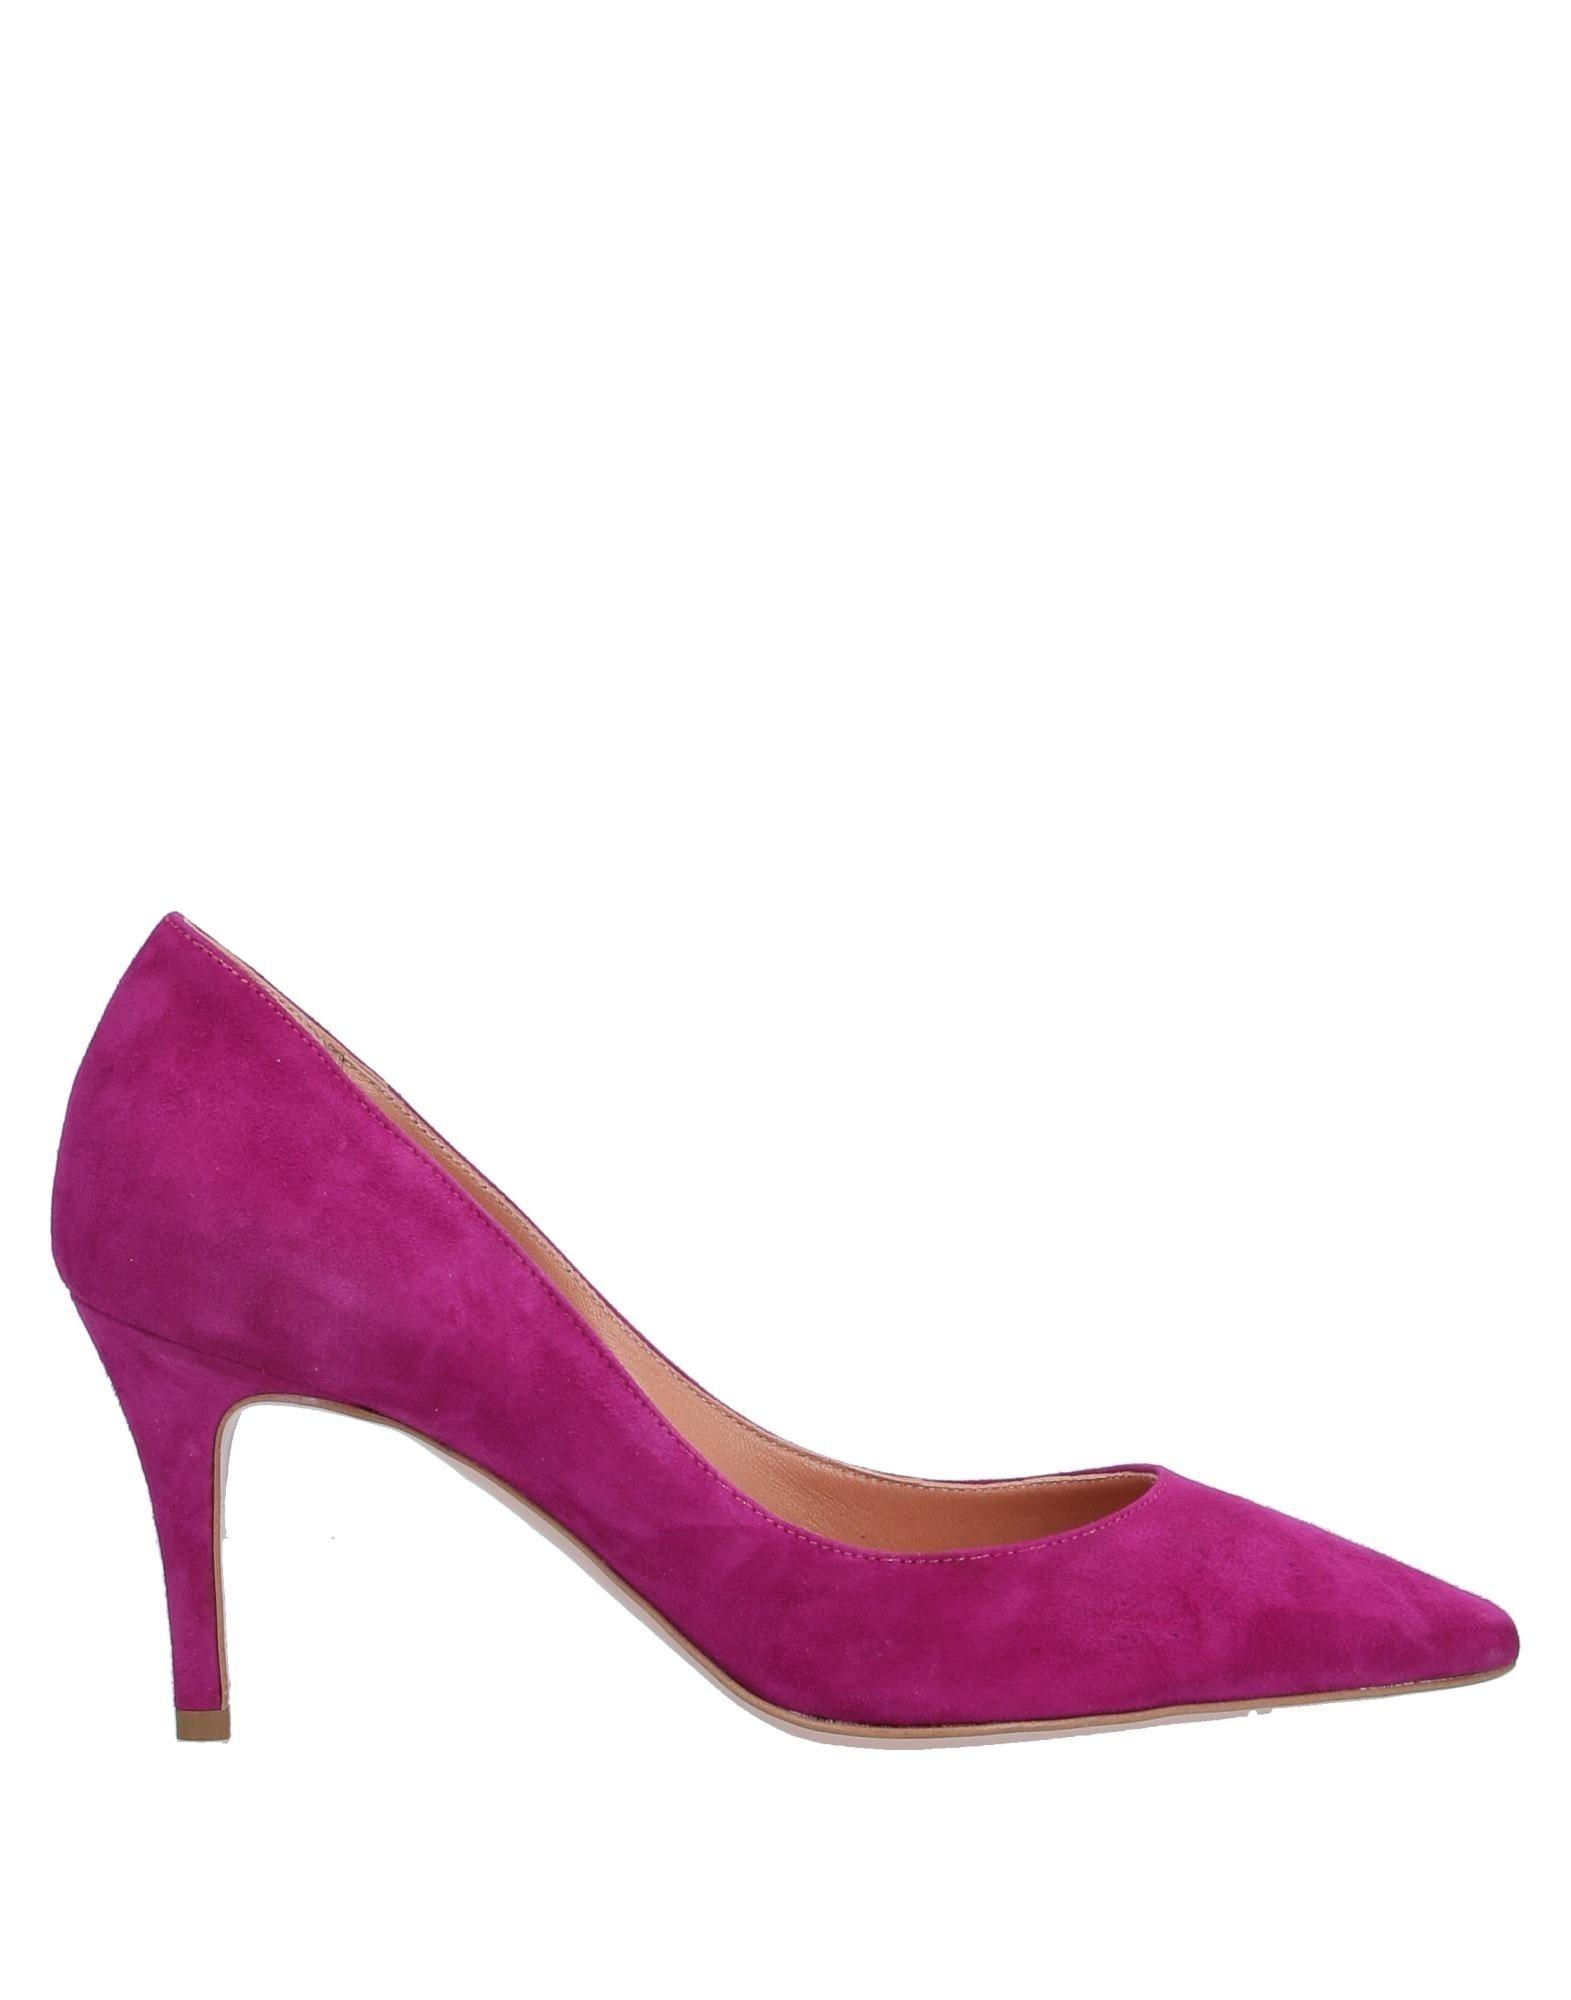 спортивные туфли женские кожаные